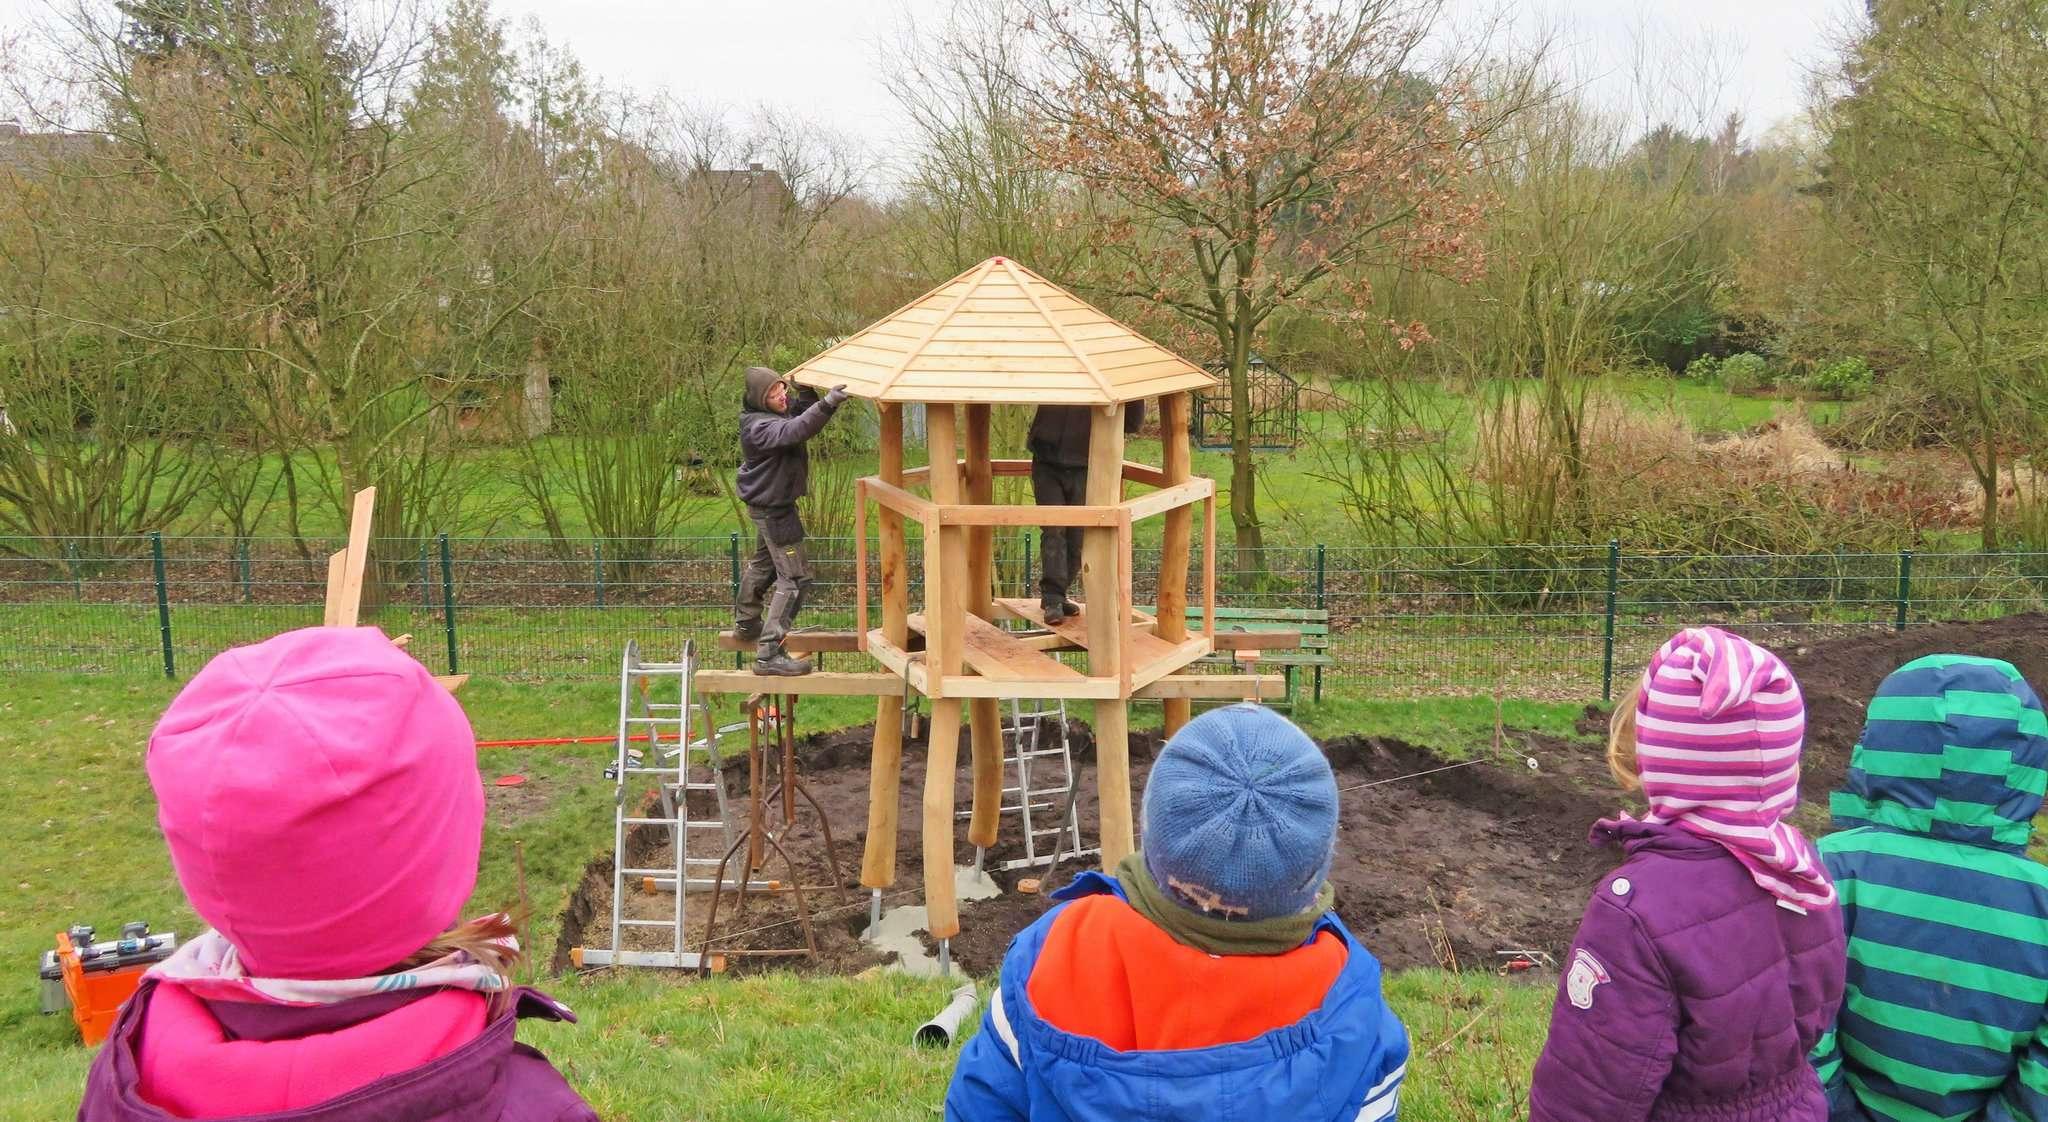 Fasziniert beobachten die Kinder den Fortschritt der Bauarbeiten am neuen Kletterturm, der im hinteren Teil des Geländes mittlerweile durch eine Hängebrücke mit ihrem Spielhügel verbunden ist. Fotos: Kindertagesstätte Löwenburg